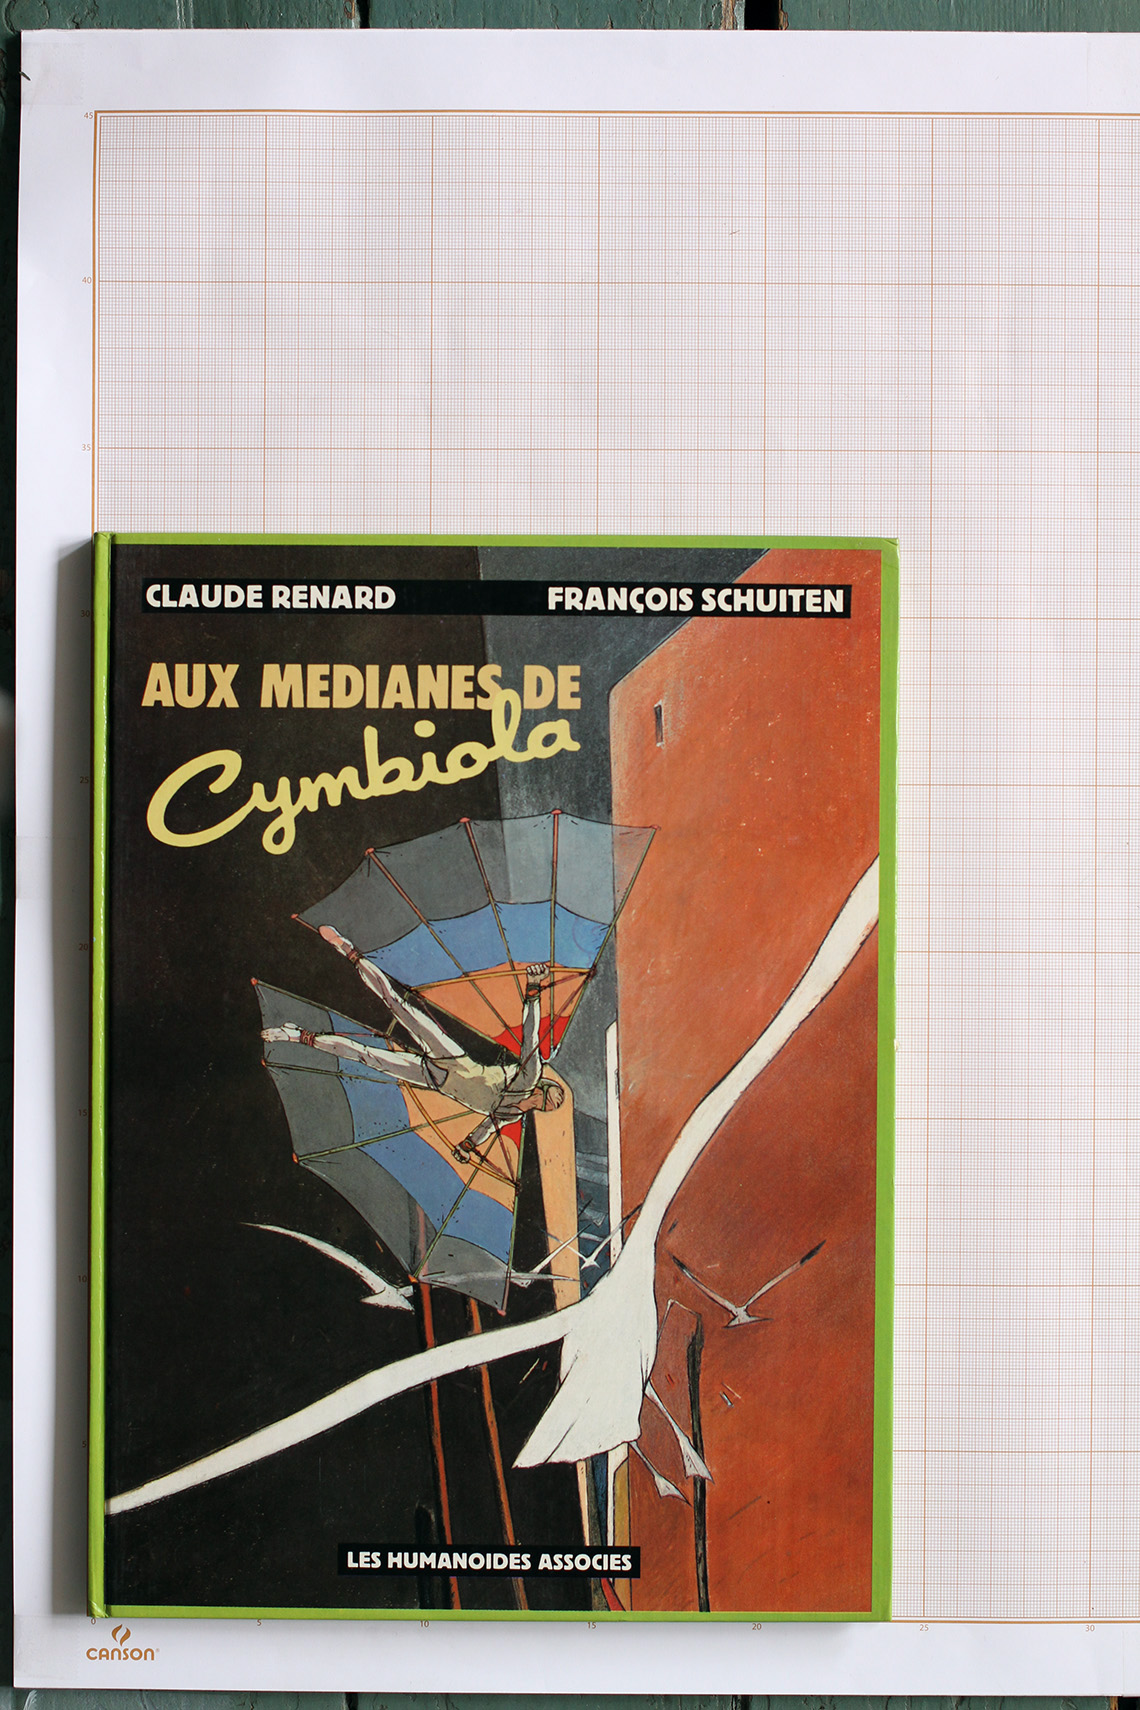 Aux Médianes de Cymbiola, F.Schuiten & C.Renard - Humanoïdes Associés© Maison Autrique, 1980